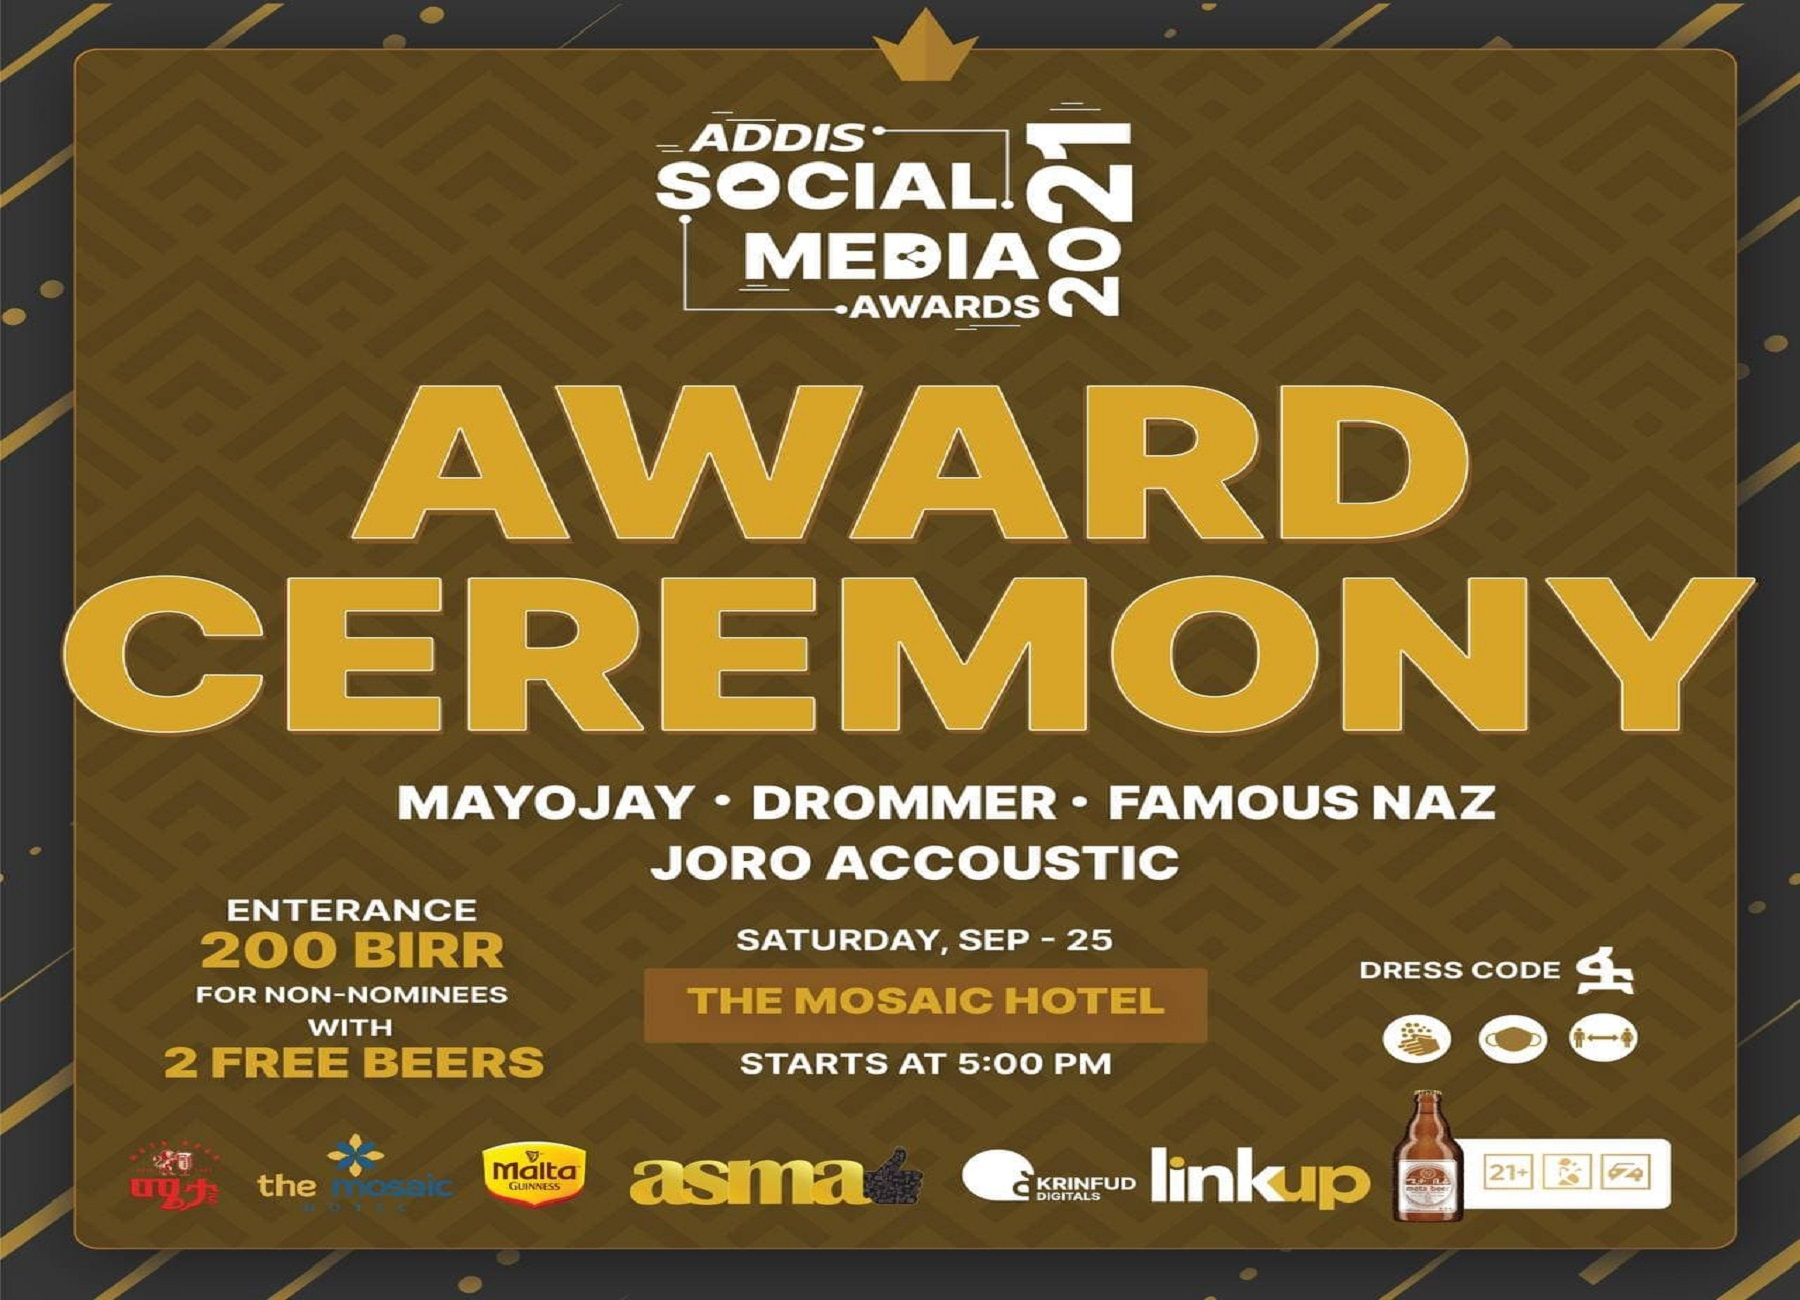 Addis Social Media Award